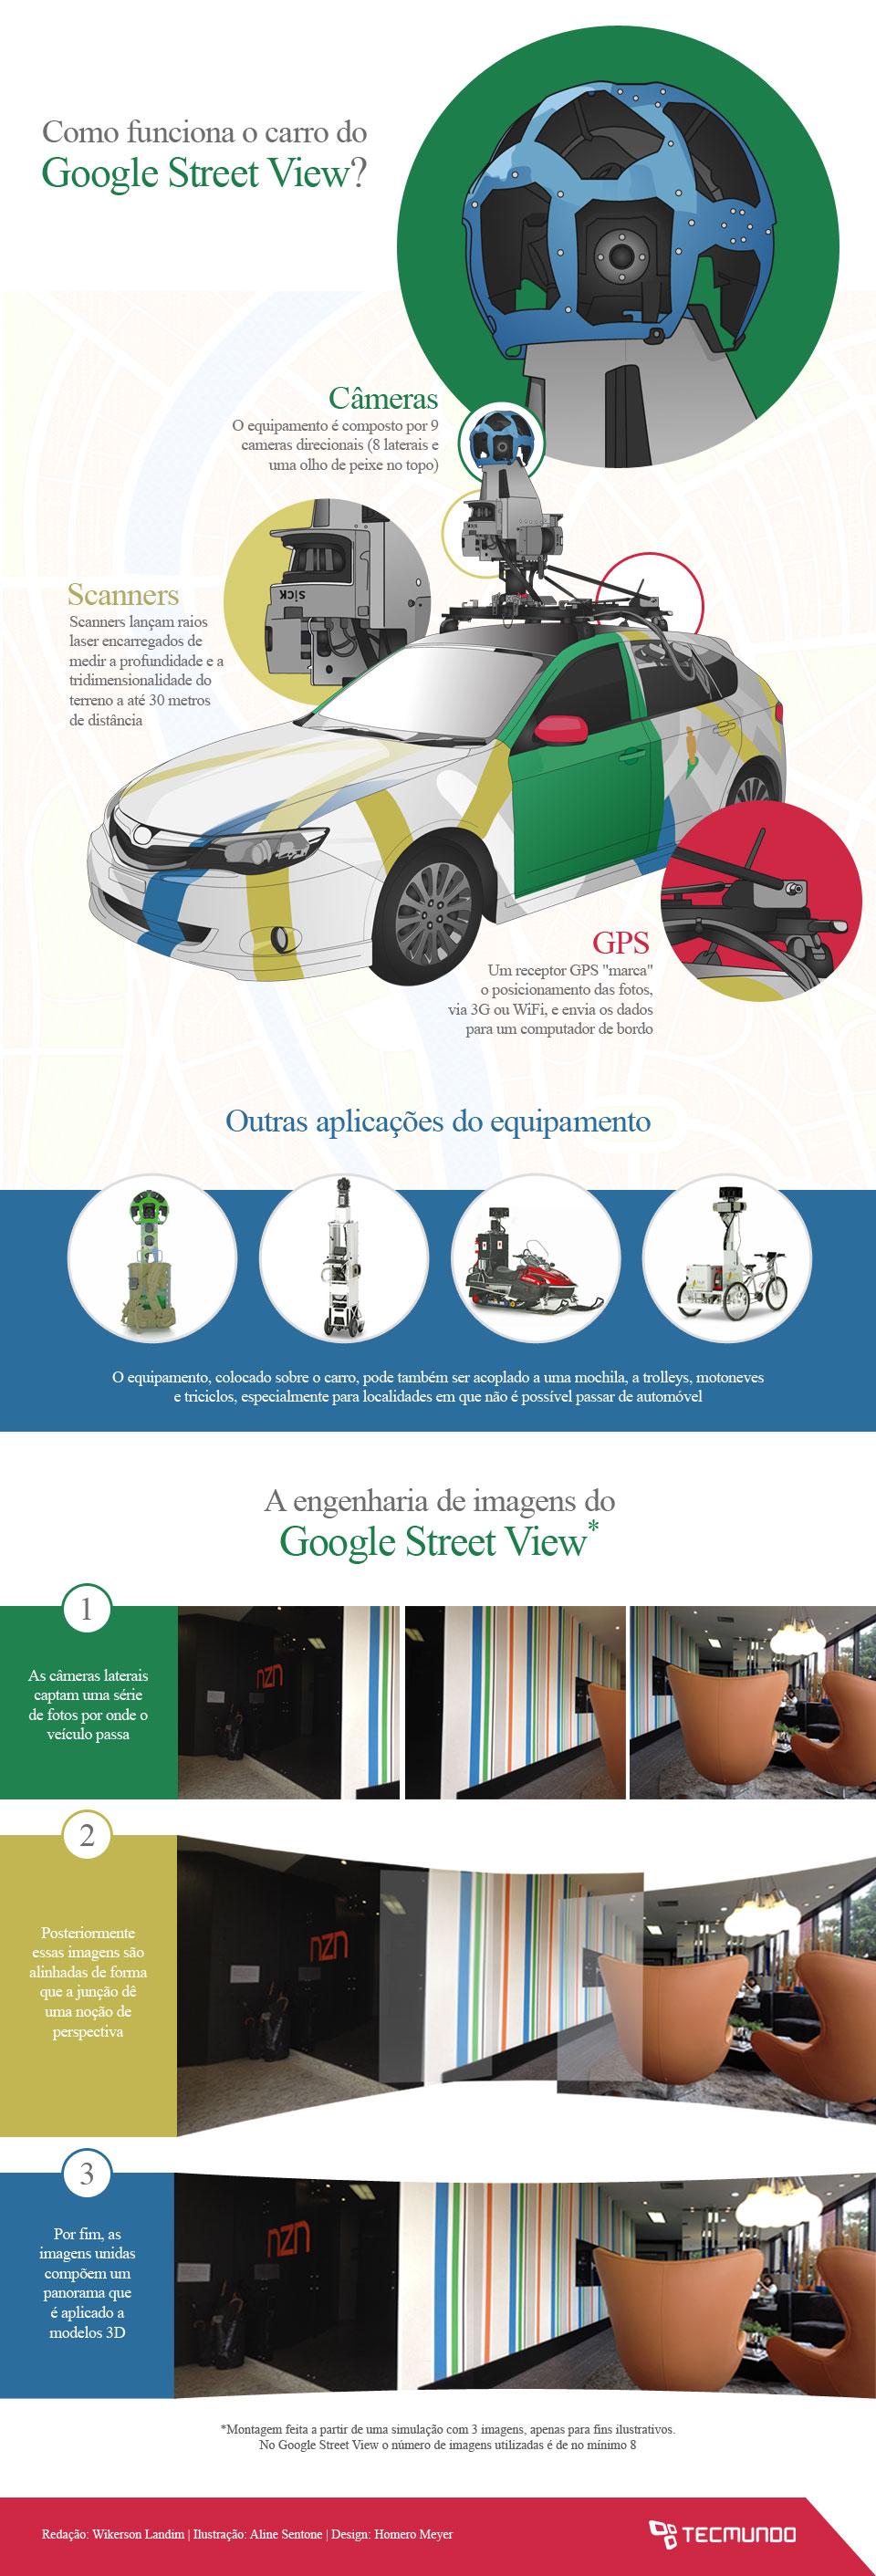 Como funciona o carro do Google Street View? [ilustração]